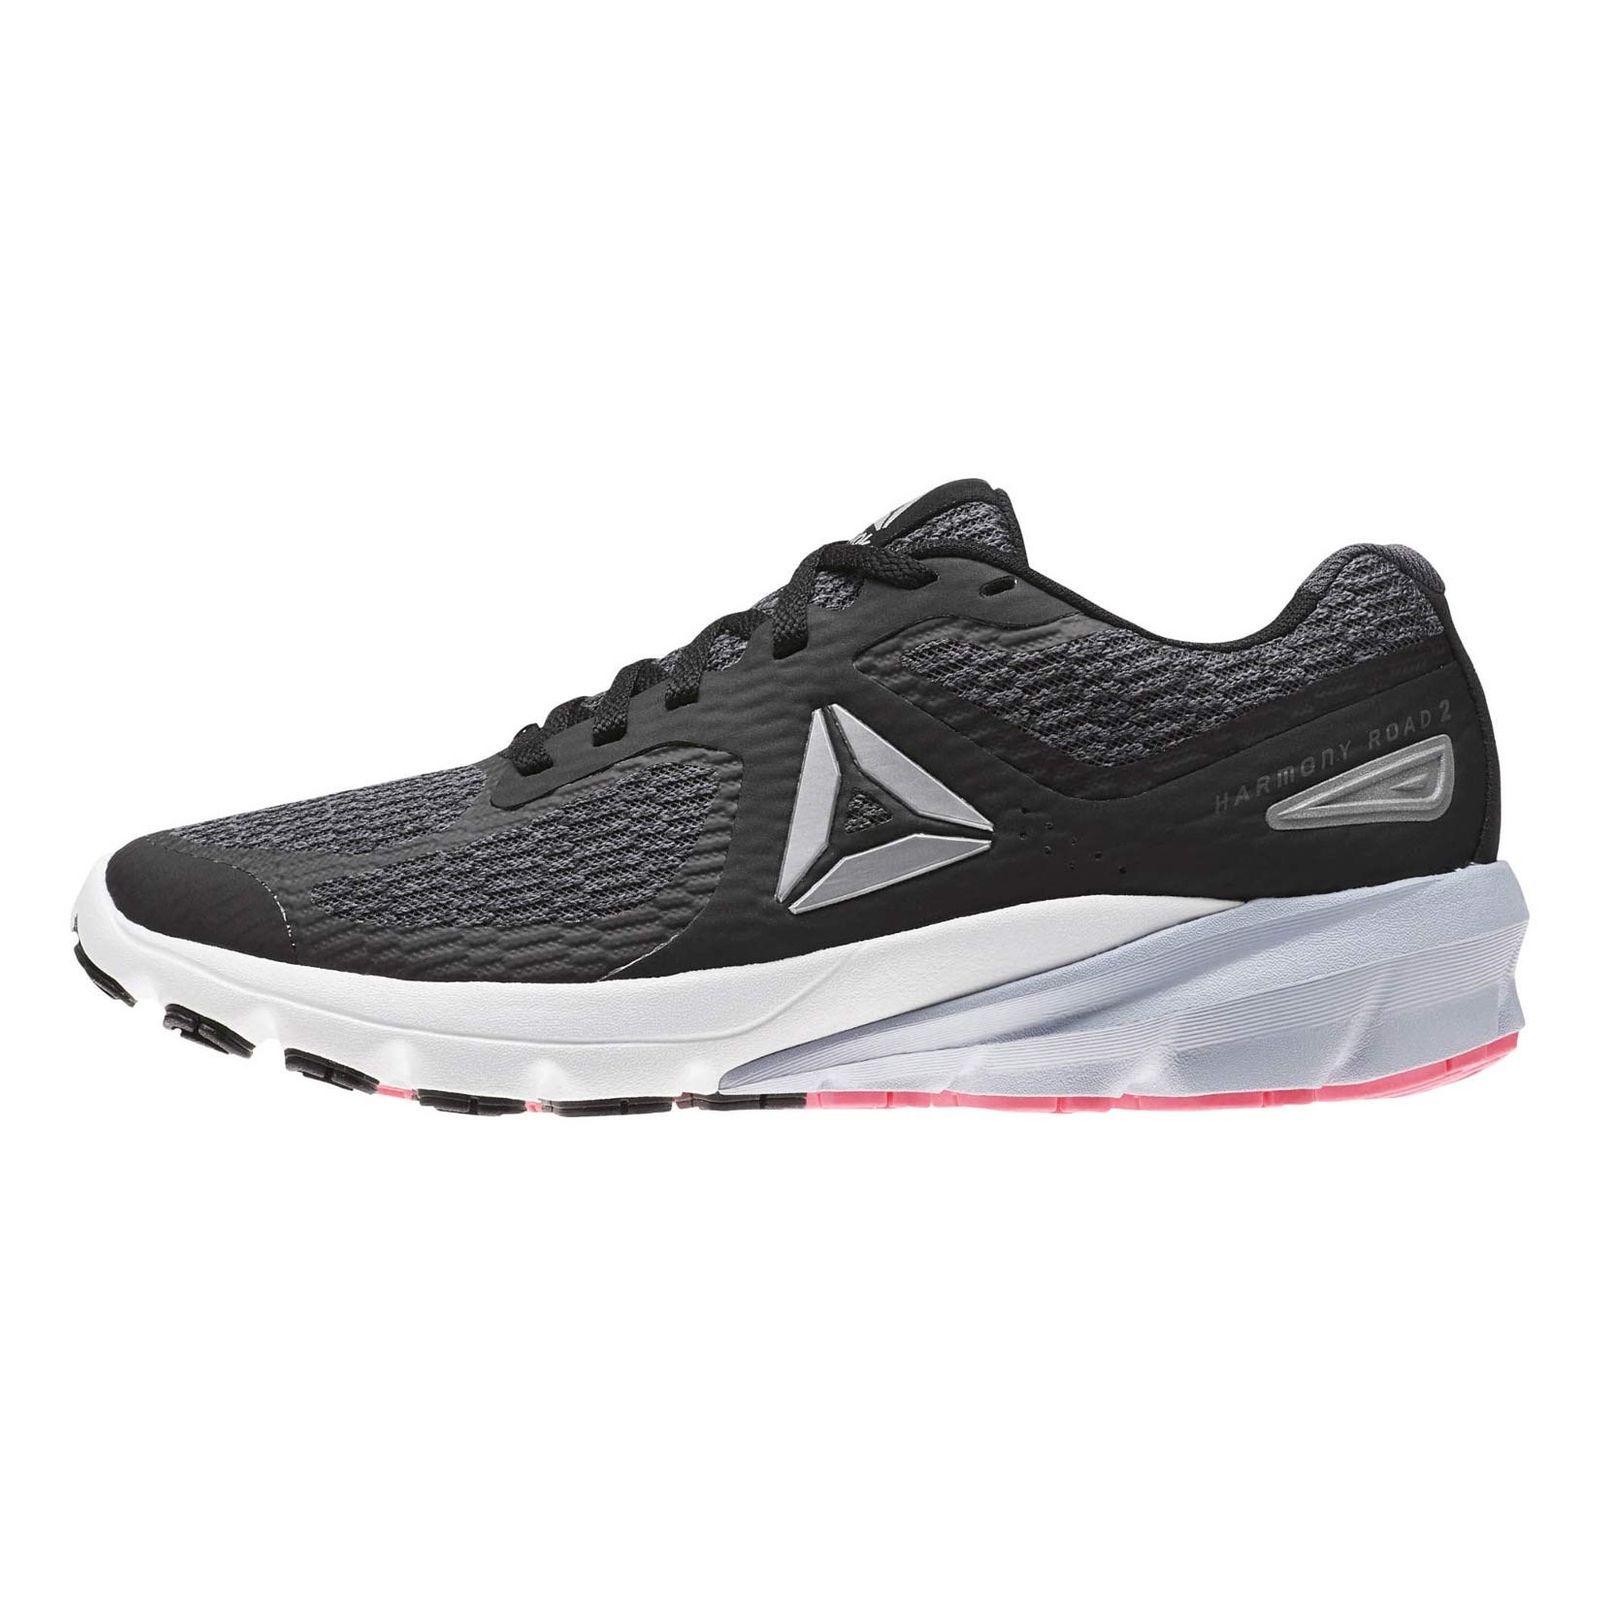 کفش دویدن بندی زنانه Harmony Road 2 - ریباک - مشکي  - 6